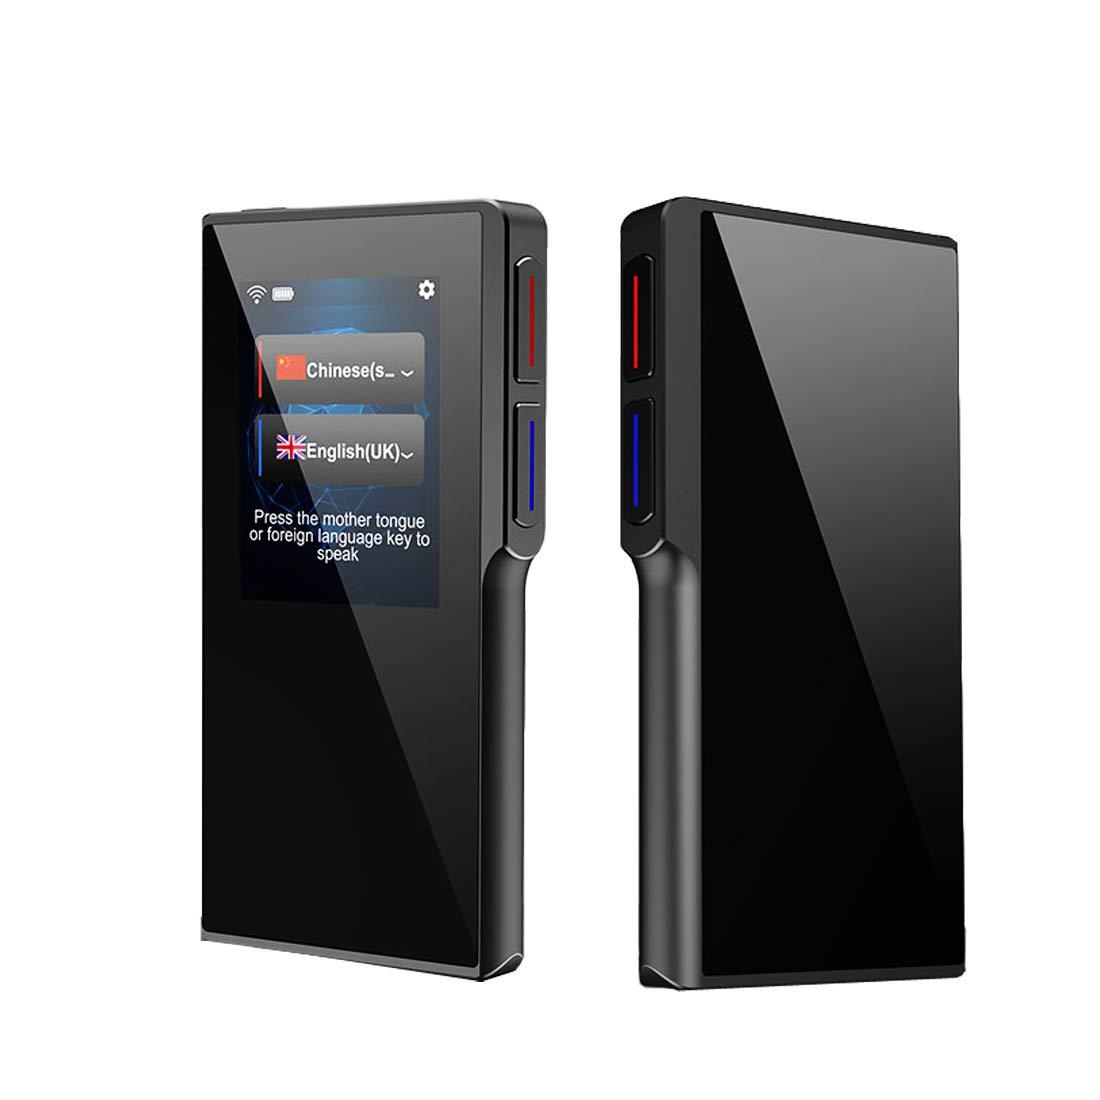 BEYI Traduttore Vocale Istantaneo a Due Vie, Portatile Smart Pocket Interpreter con Touch Screen 2.4 Pollici Supporta WIFI + Hotspot Comunicare con Gli Altri Faccia a Faccia